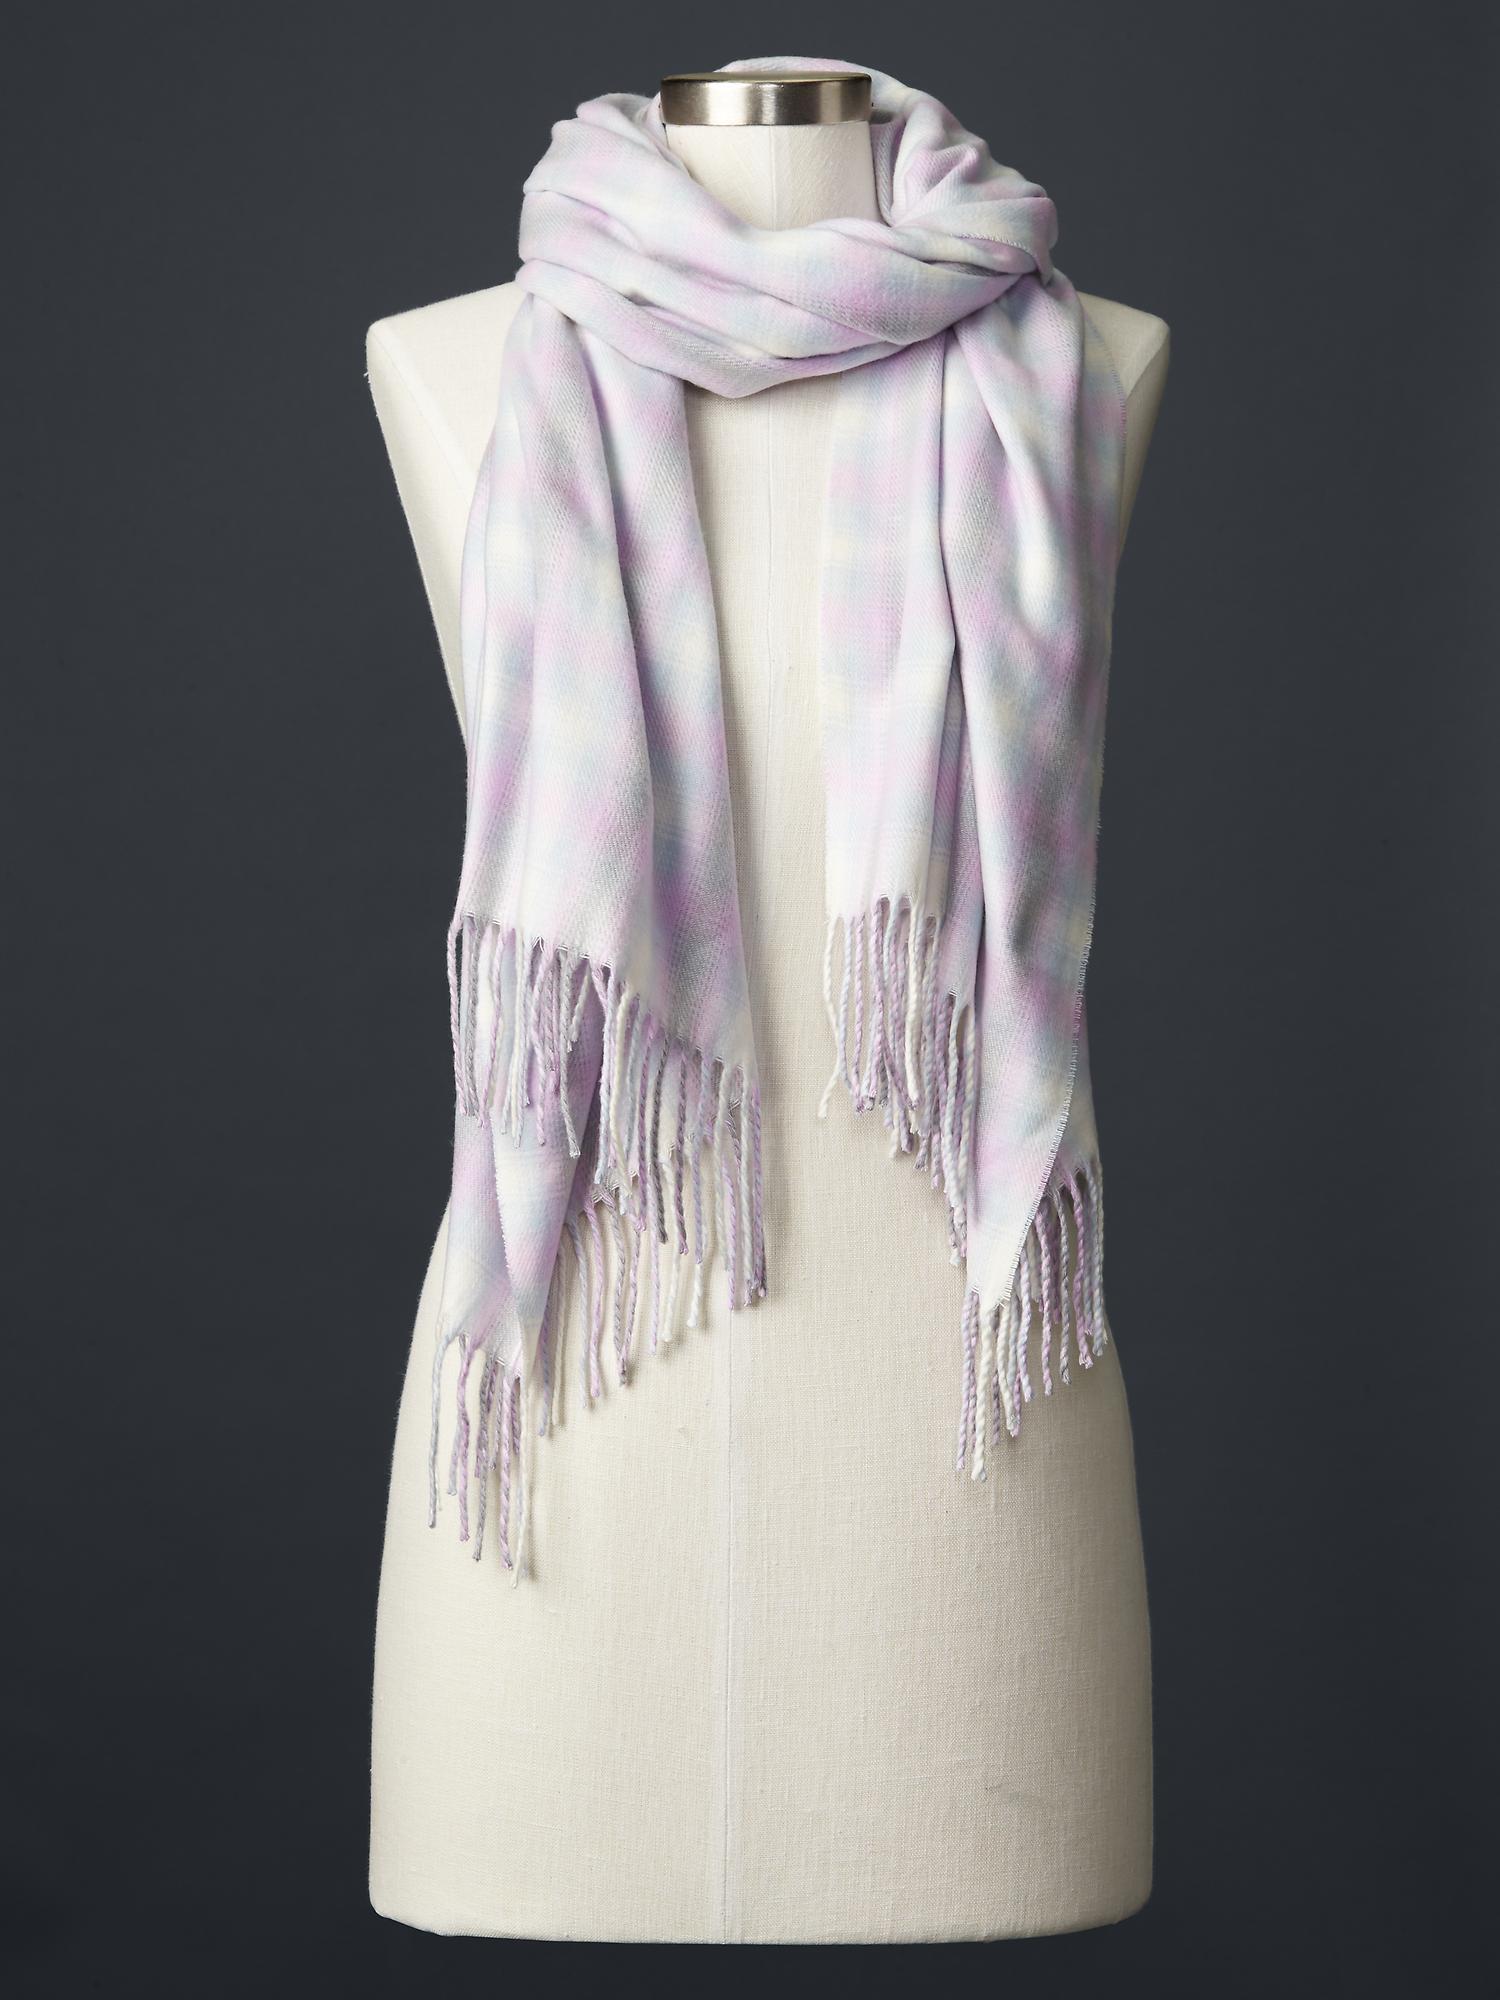 gap cozy plaid scarf in purple qauzy lilac lyst